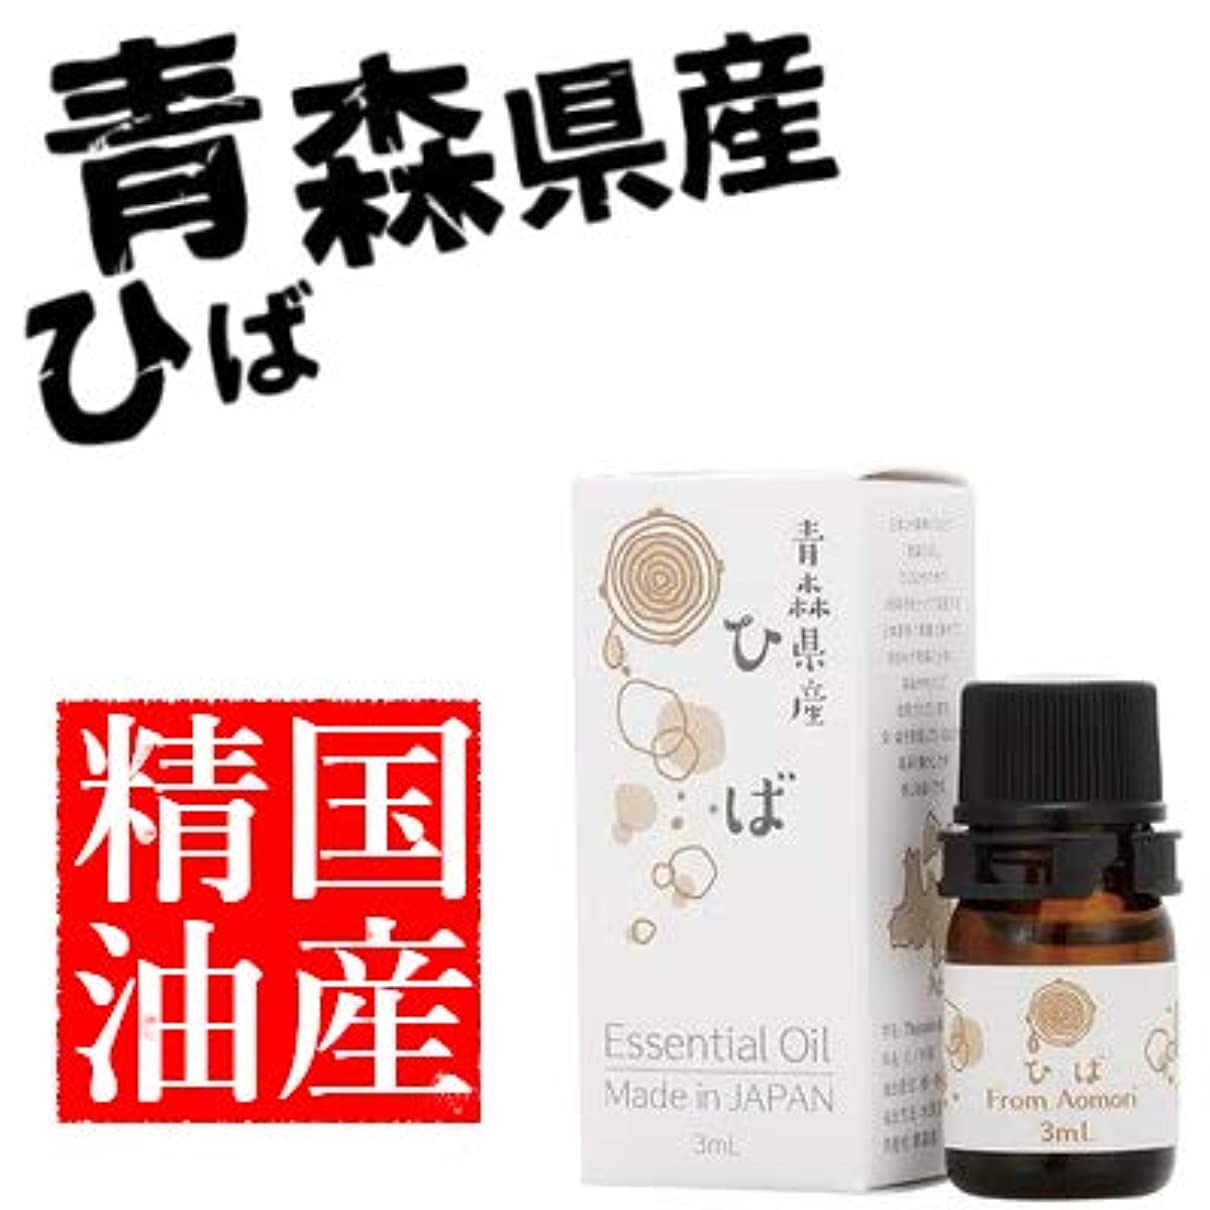 安息無一文バナナ日本の香りシリーズ ひば エッセンシャルオイル 国産精油 青森県産 3ml